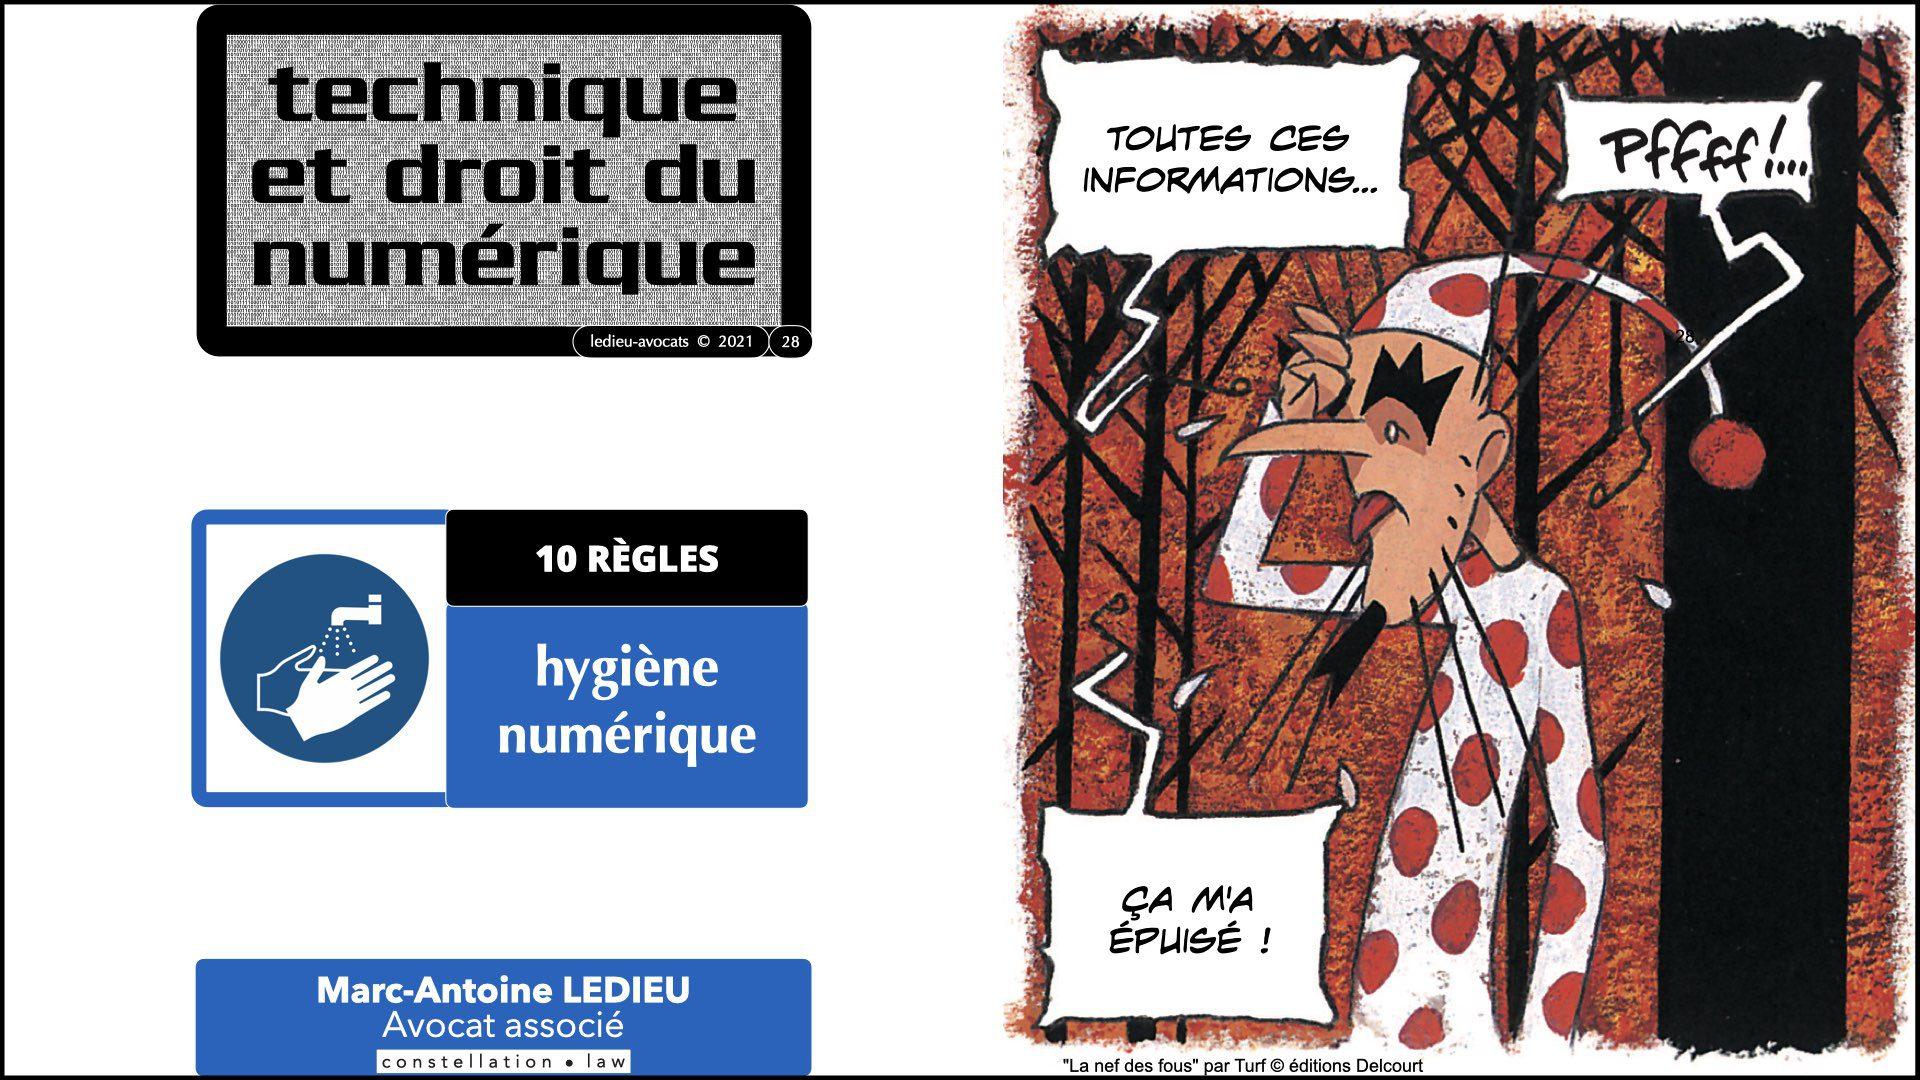 345 10 commandements hygiène numérique © Ledieu-Avocats technique droit numérique 07-09-2021.028